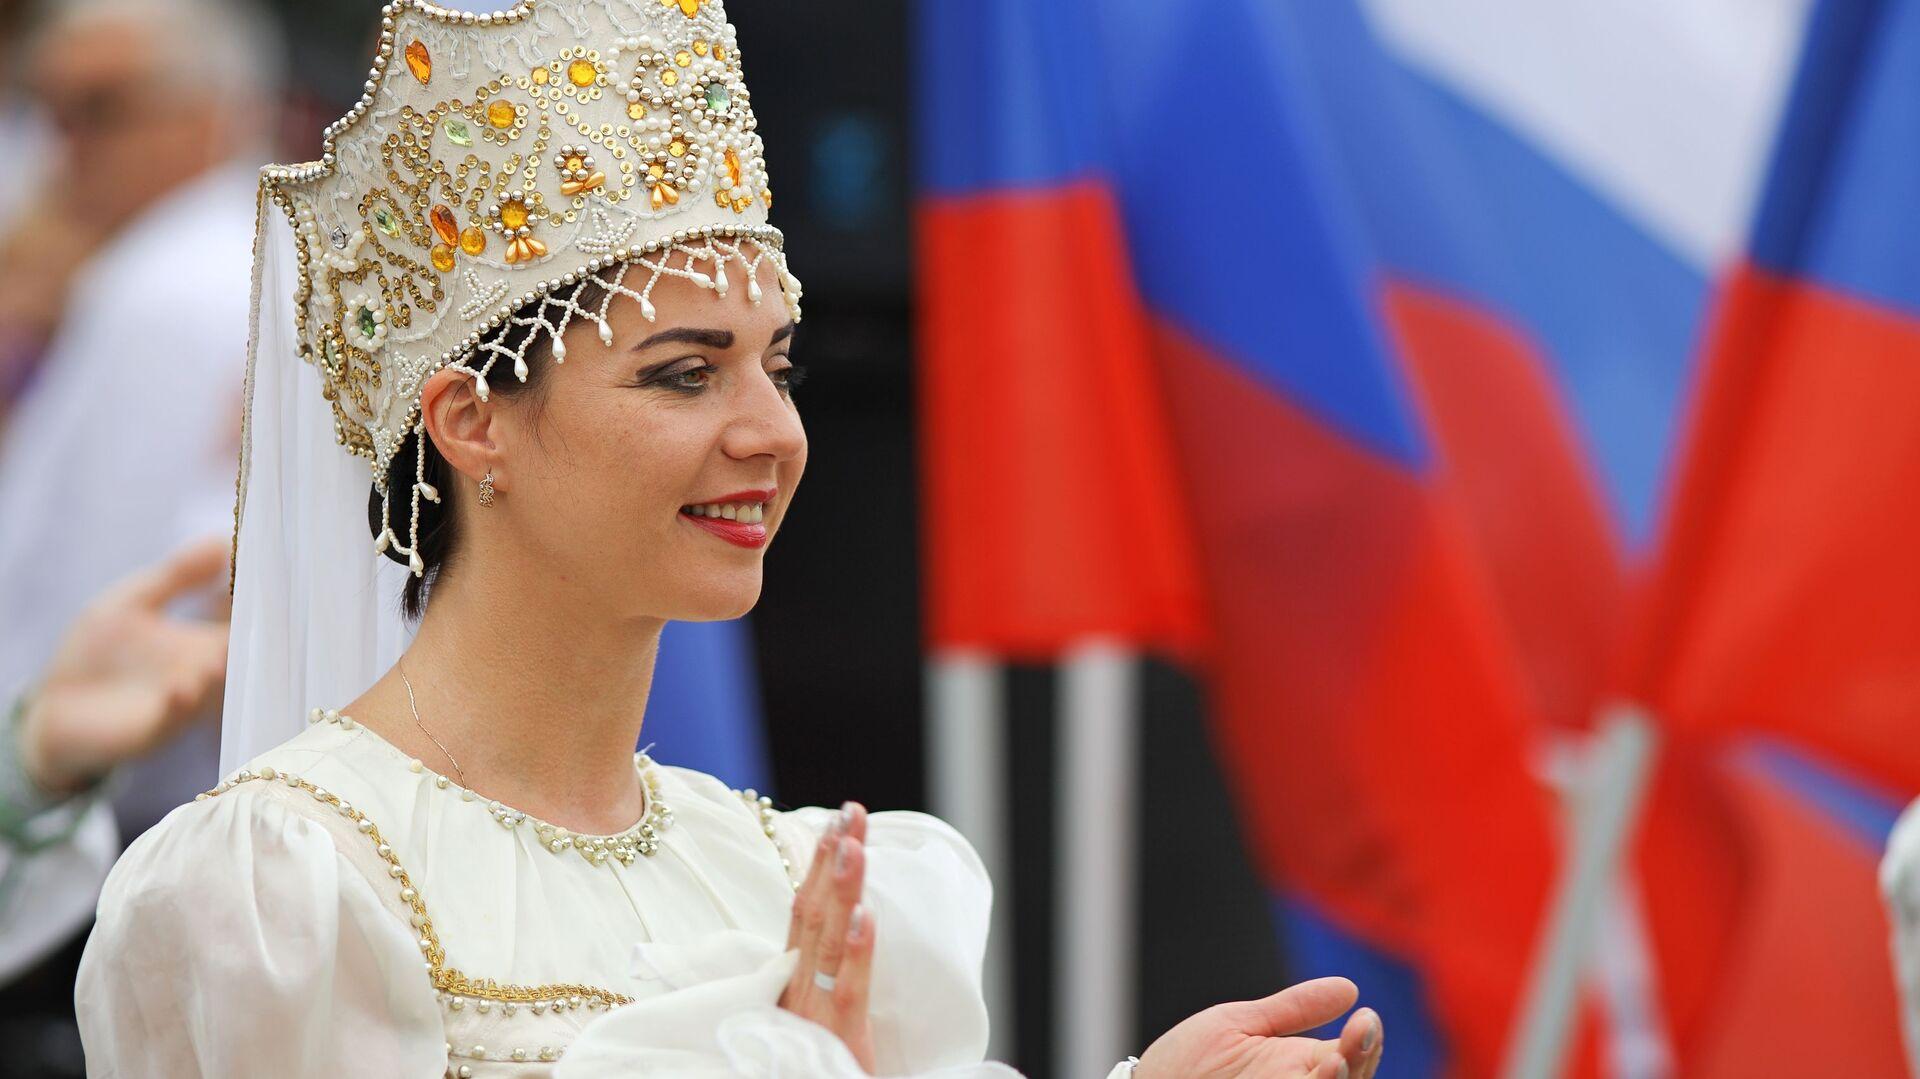 Празднование Дня государственного флага России - Sputnik Таджикистан, 1920, 28.09.2021